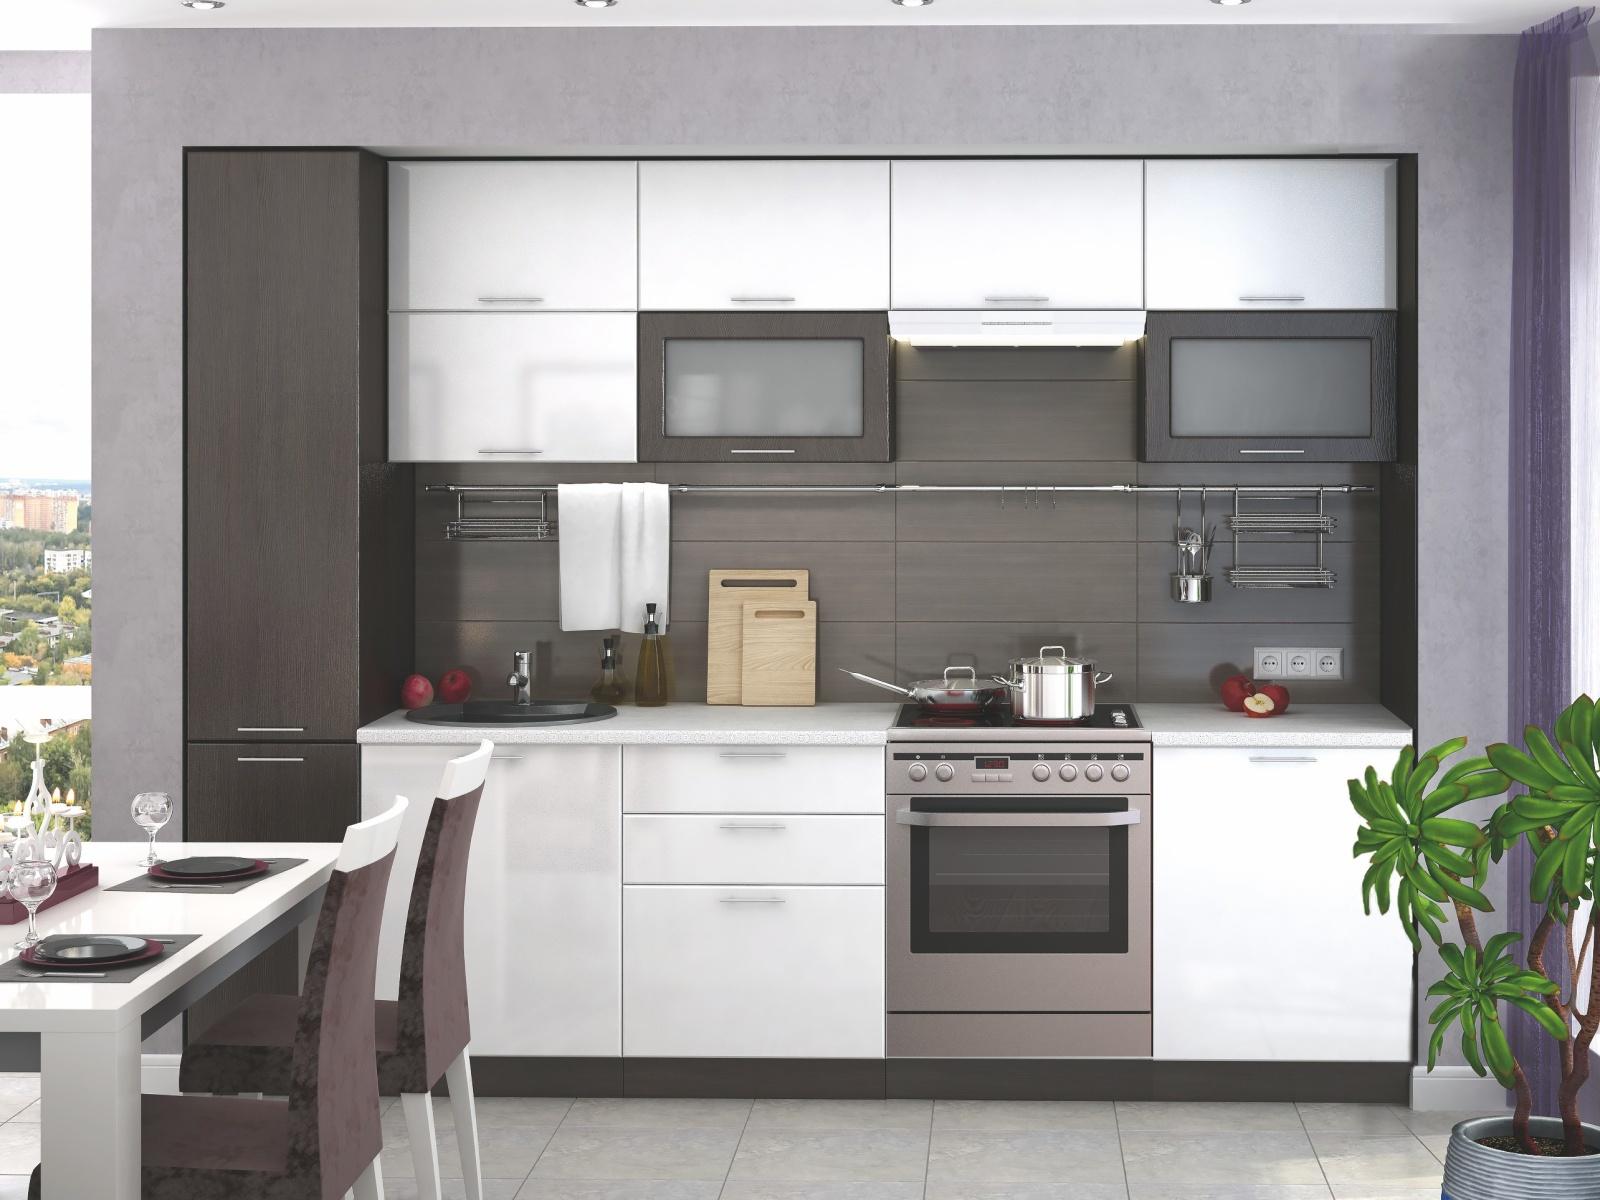 Smartshop Kuchyně VALERIA 180/240 cm s pracovní deskou, bílá/wenge DOPRODEJ